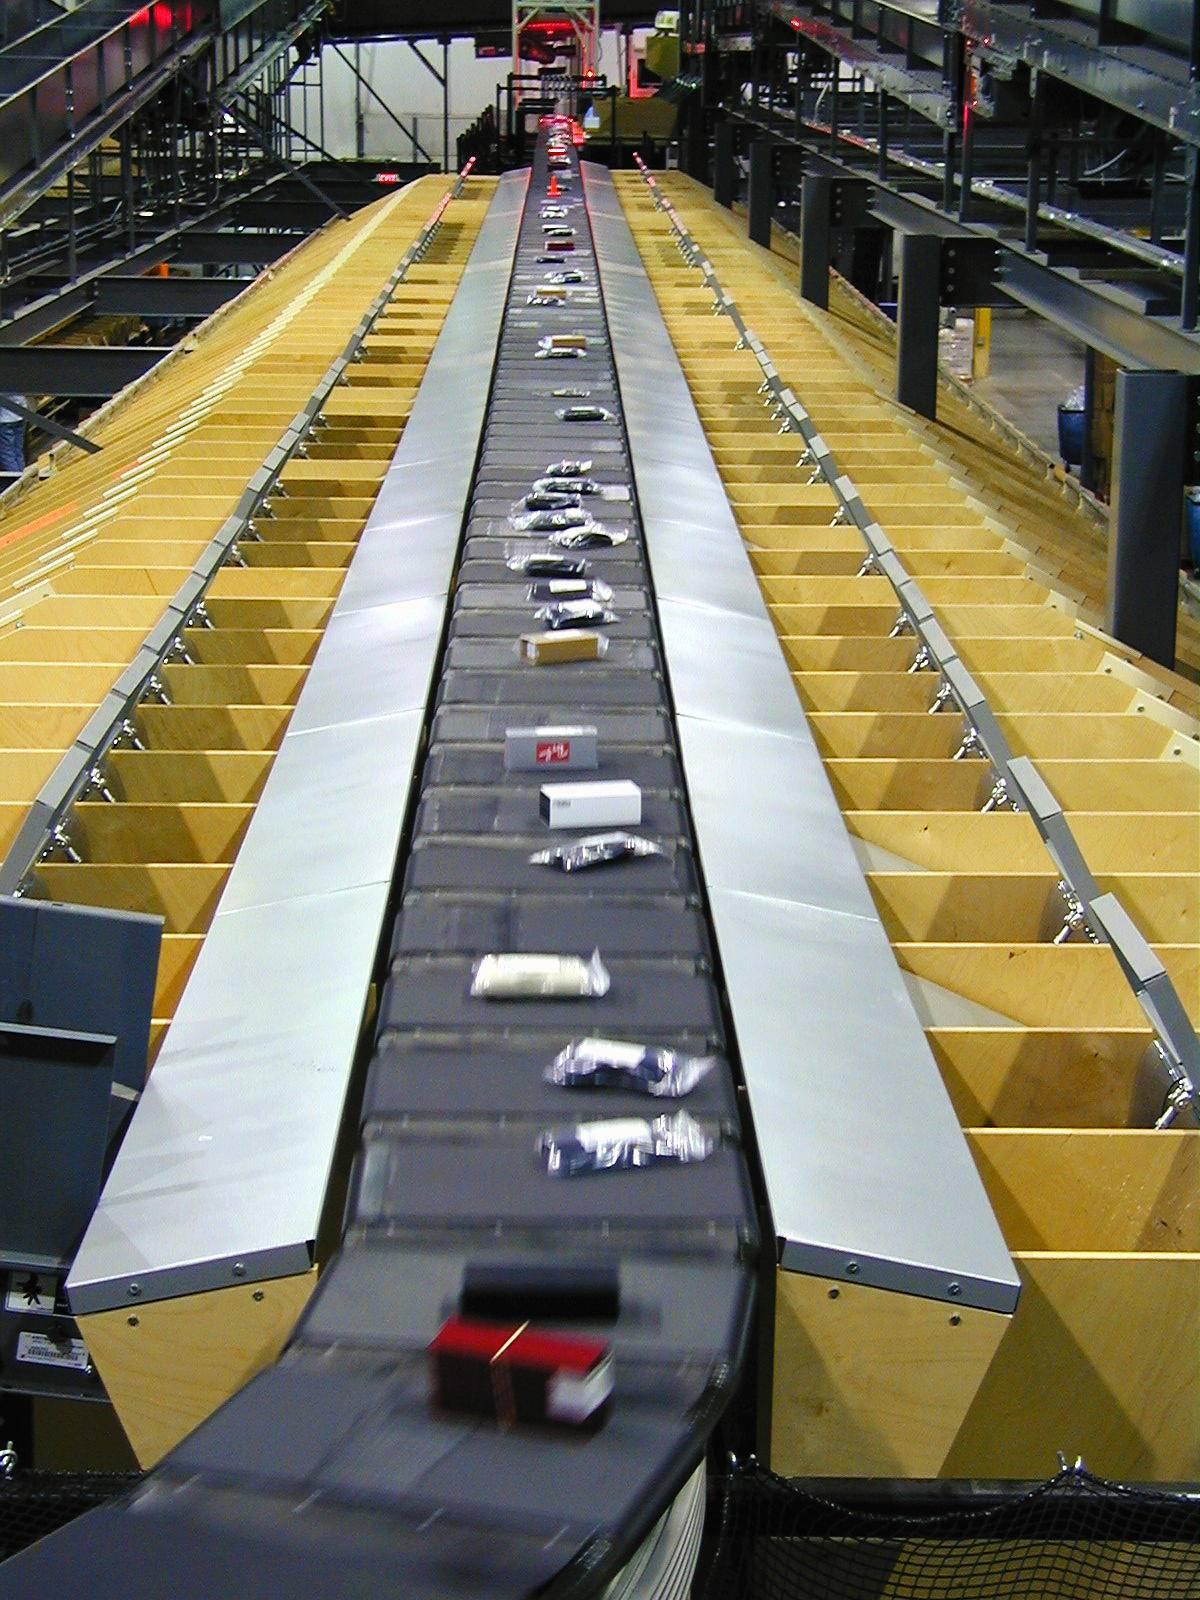 Die BEUMER Group ist Anbieter von zuverlässigen Hochleistungssortieranlagen wie dem BEUMER Belt Tray Sorter. Dieser ist modular aufgebaut und besonders für die zielgenaue und schnelle Sortierung von Gütern mit hohen Stückzahlen geeignet.